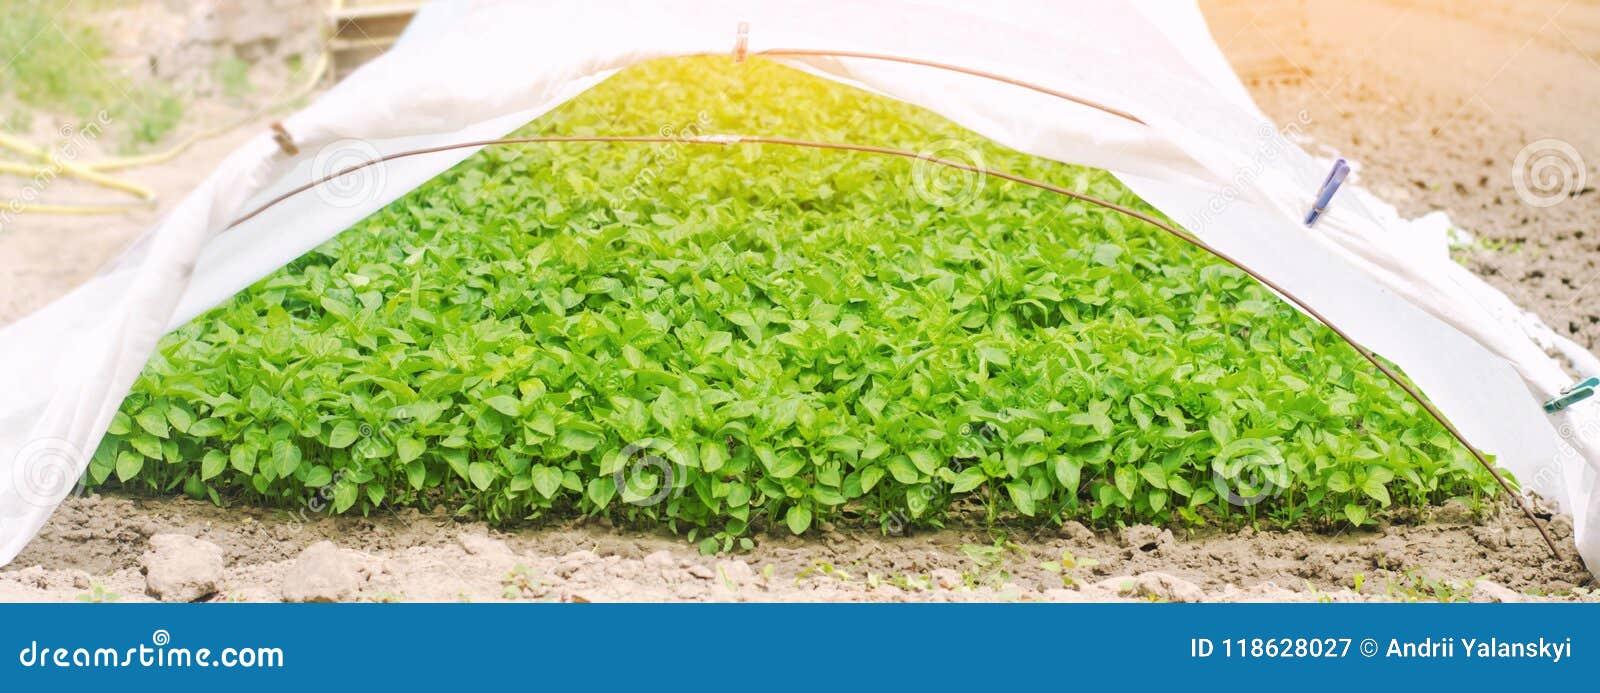 Πράσινα σπορόφυτα πιπεριών στο θερμοκήπιο, έτοιμο για τη μεταμόσχευση στον τομέα, καλλιέργεια, γεωργία, λαχανικά, φιλικό προς το